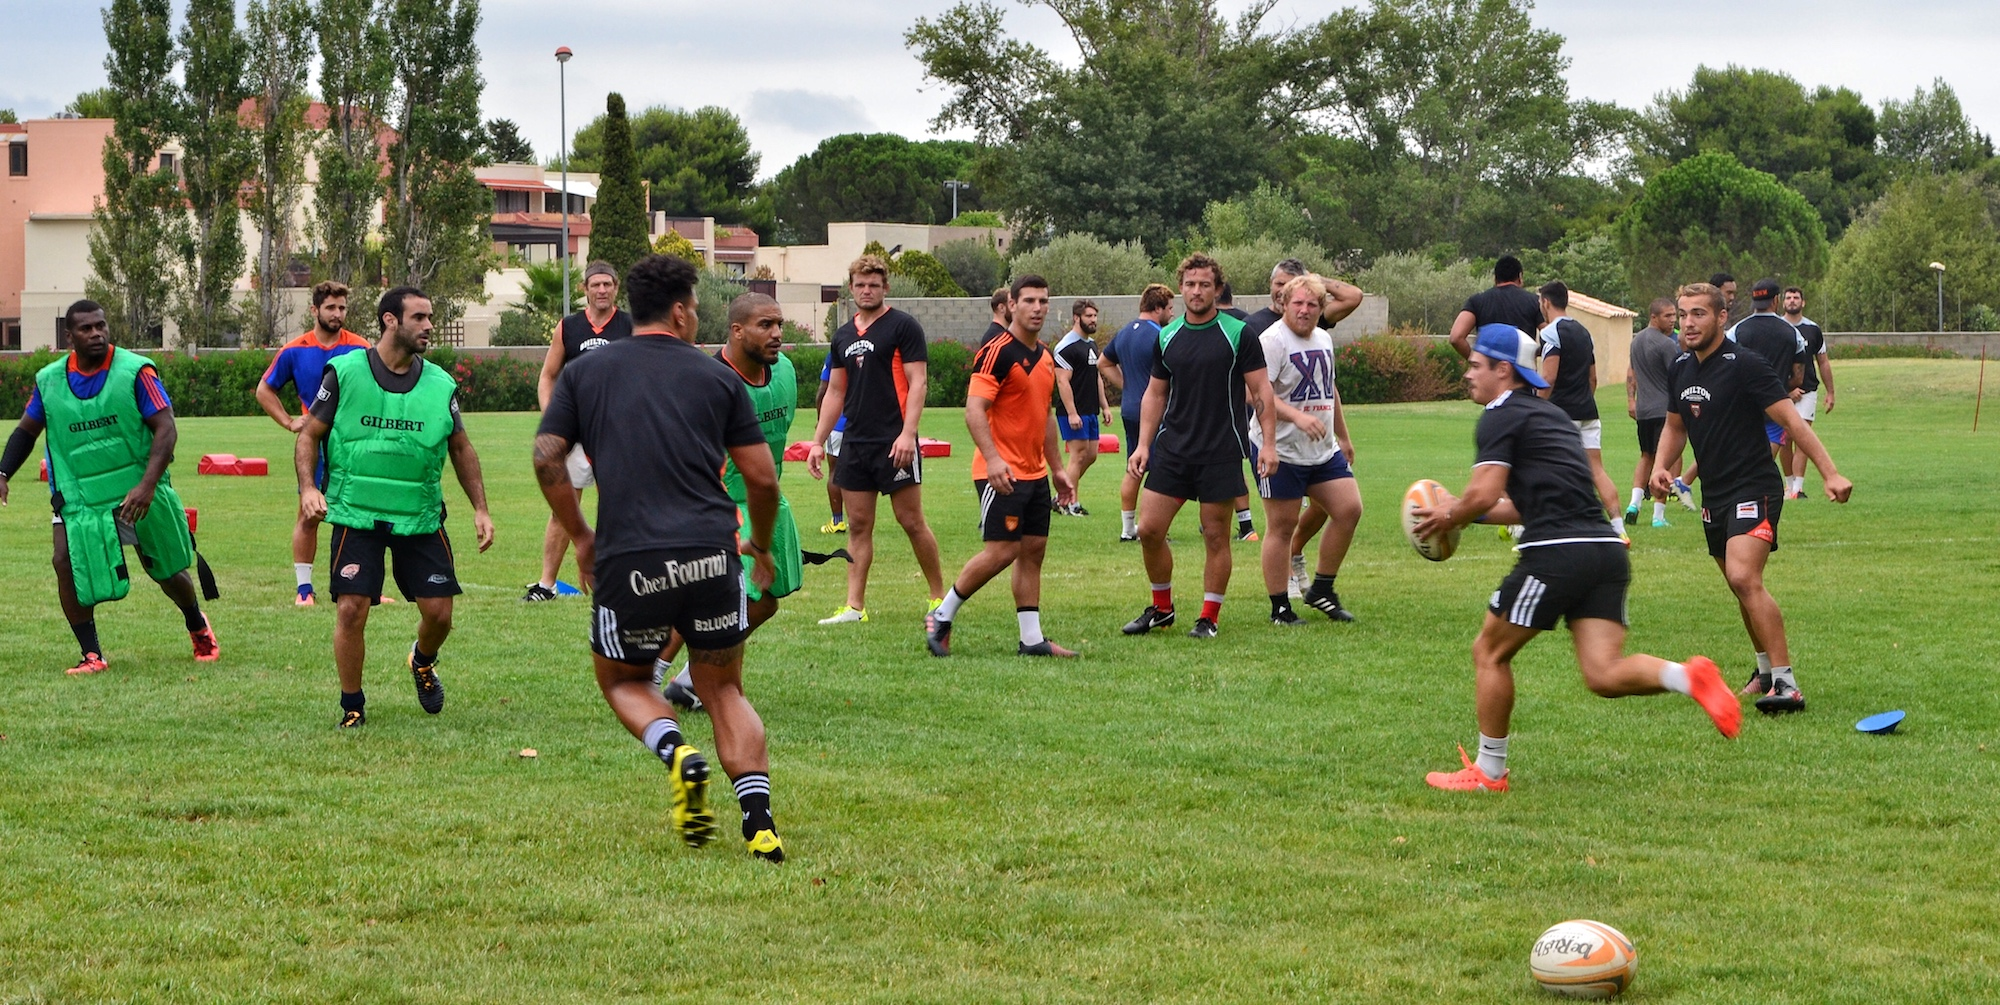 Planning des entraînements semaine du 7 août